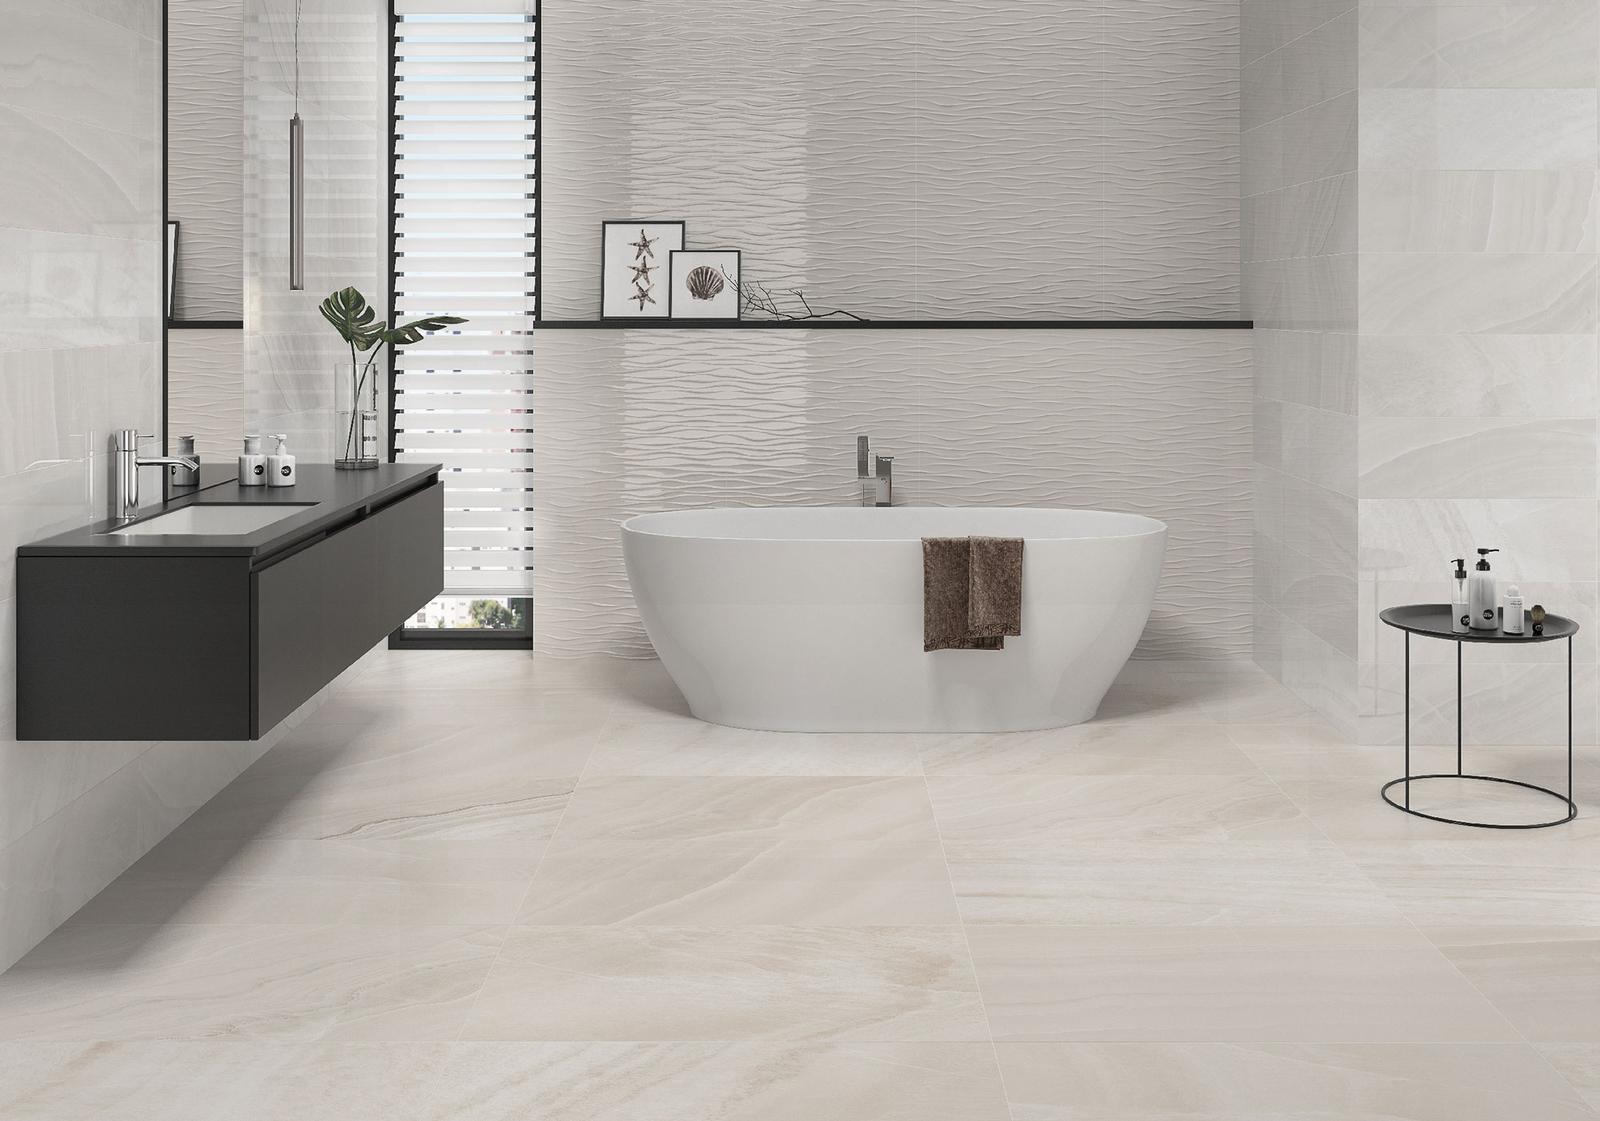 Luxusné kúpelne zo Španielska - dizajnová kúpeľňa Davos Blanco 25x73